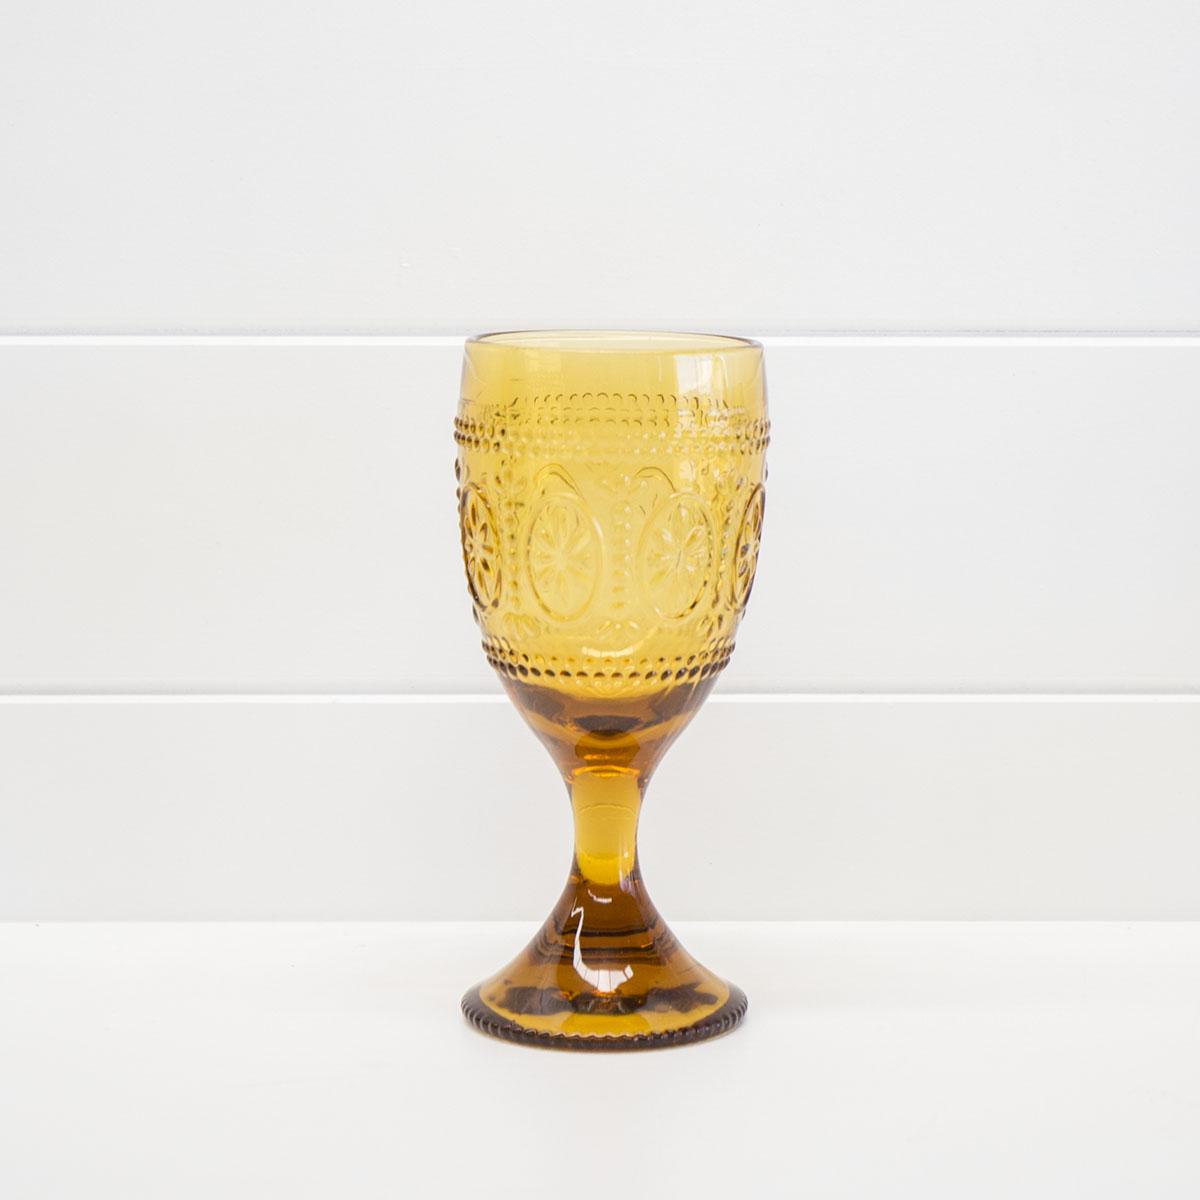 DECORATIVE AMBER WINE GLASS